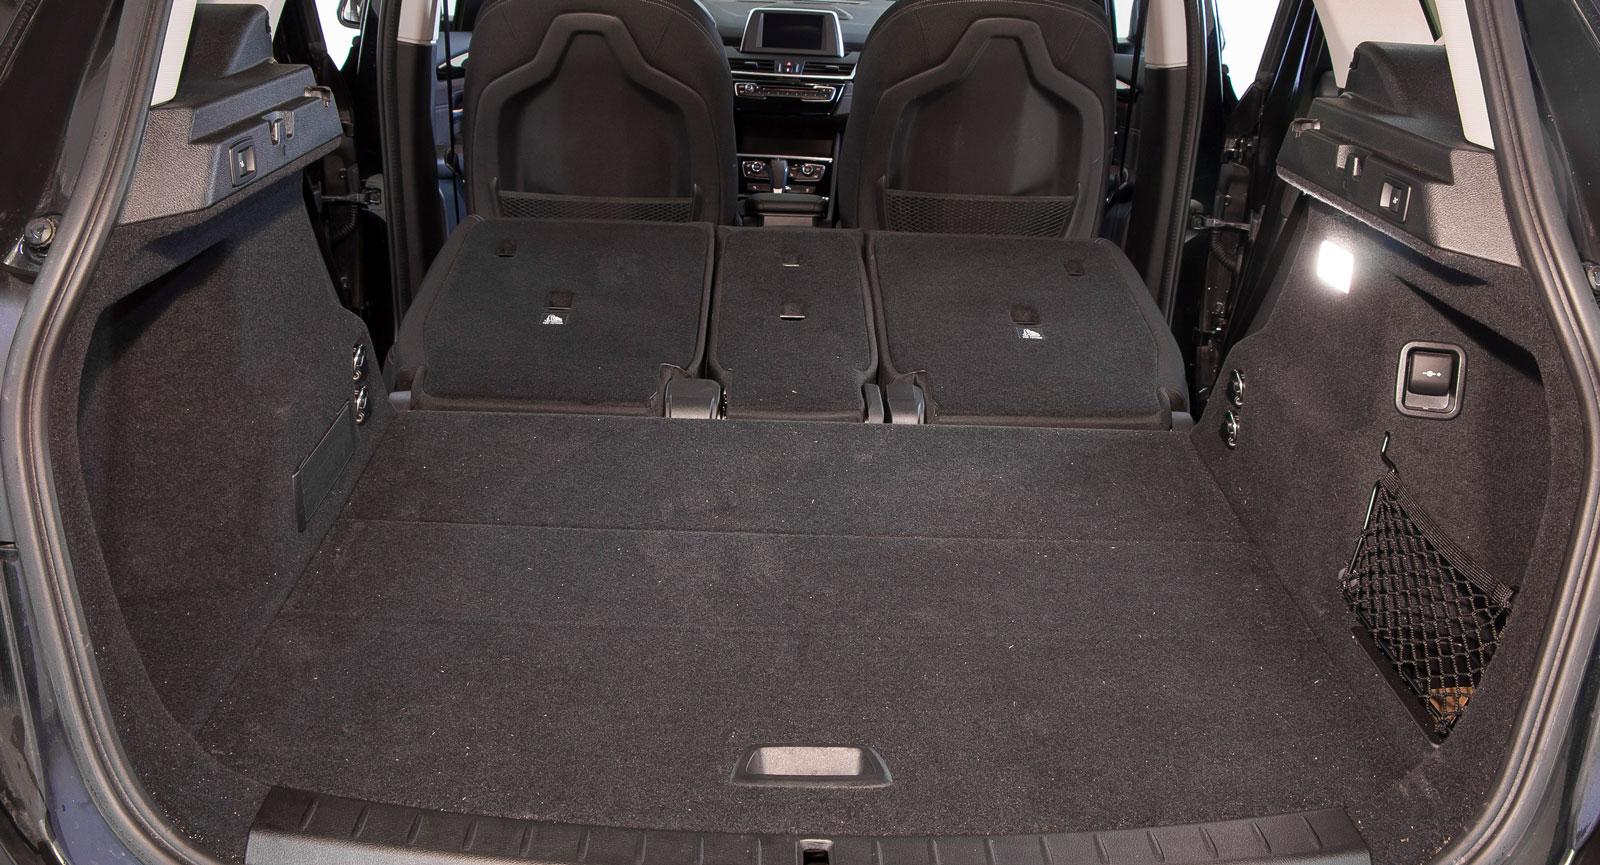 Lastutrymmet i BMW är större än vad den kompakta karossen låter påskina. Med fällda bakre ryggstöd – de tre delarna kan fällas separat – blir lastgolvet faktiskt trions längsta. Som mest tryckte vi in 35 backar.